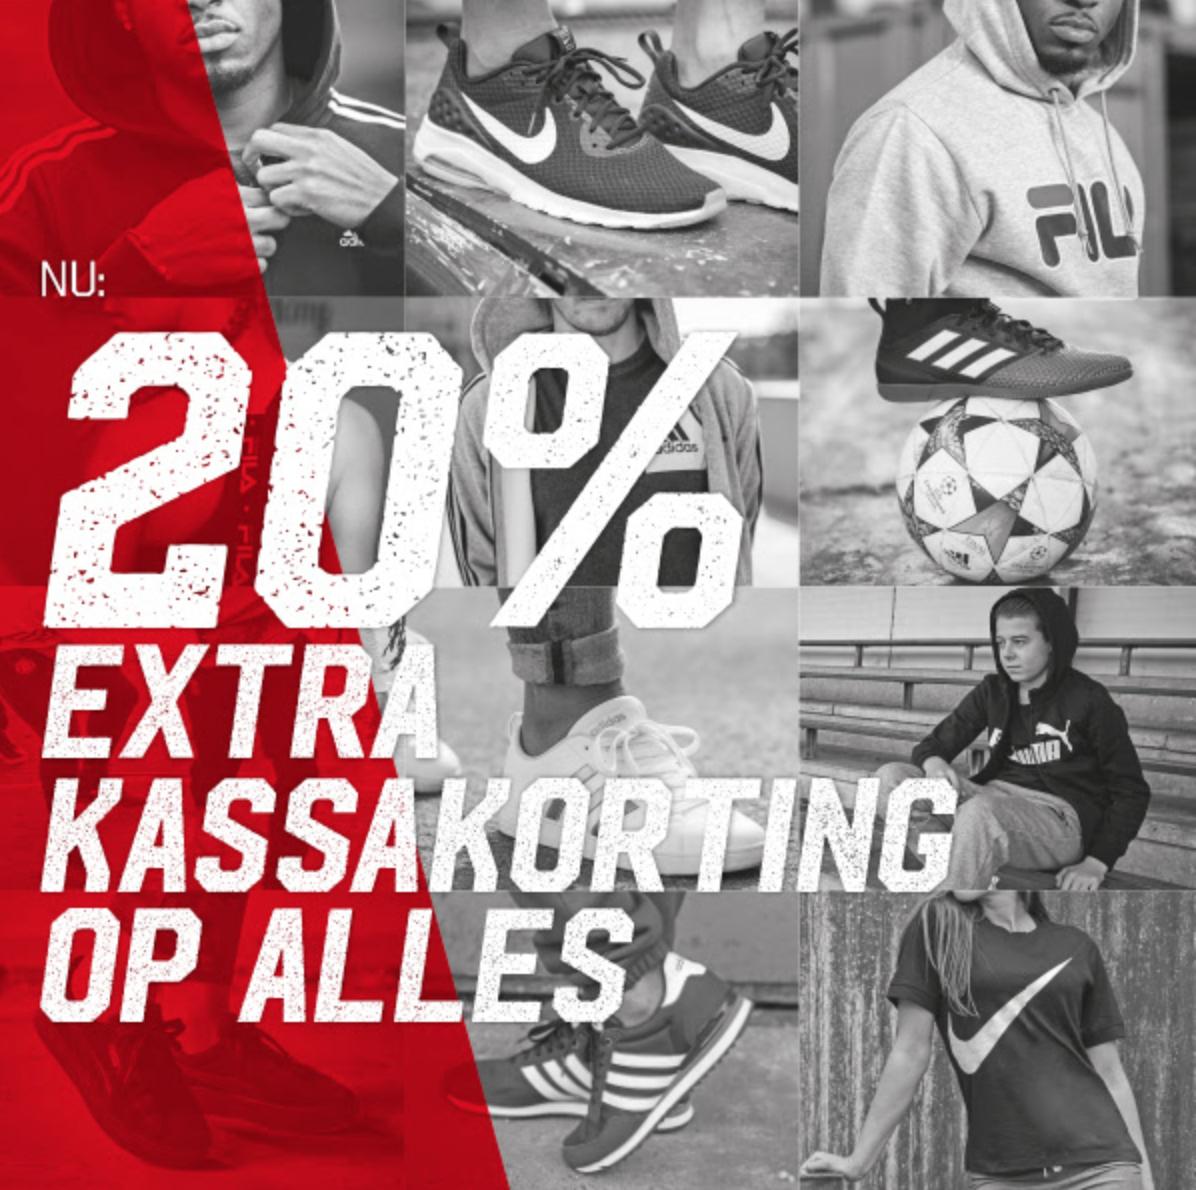 20% kassakorting op alles @ Aktiesport